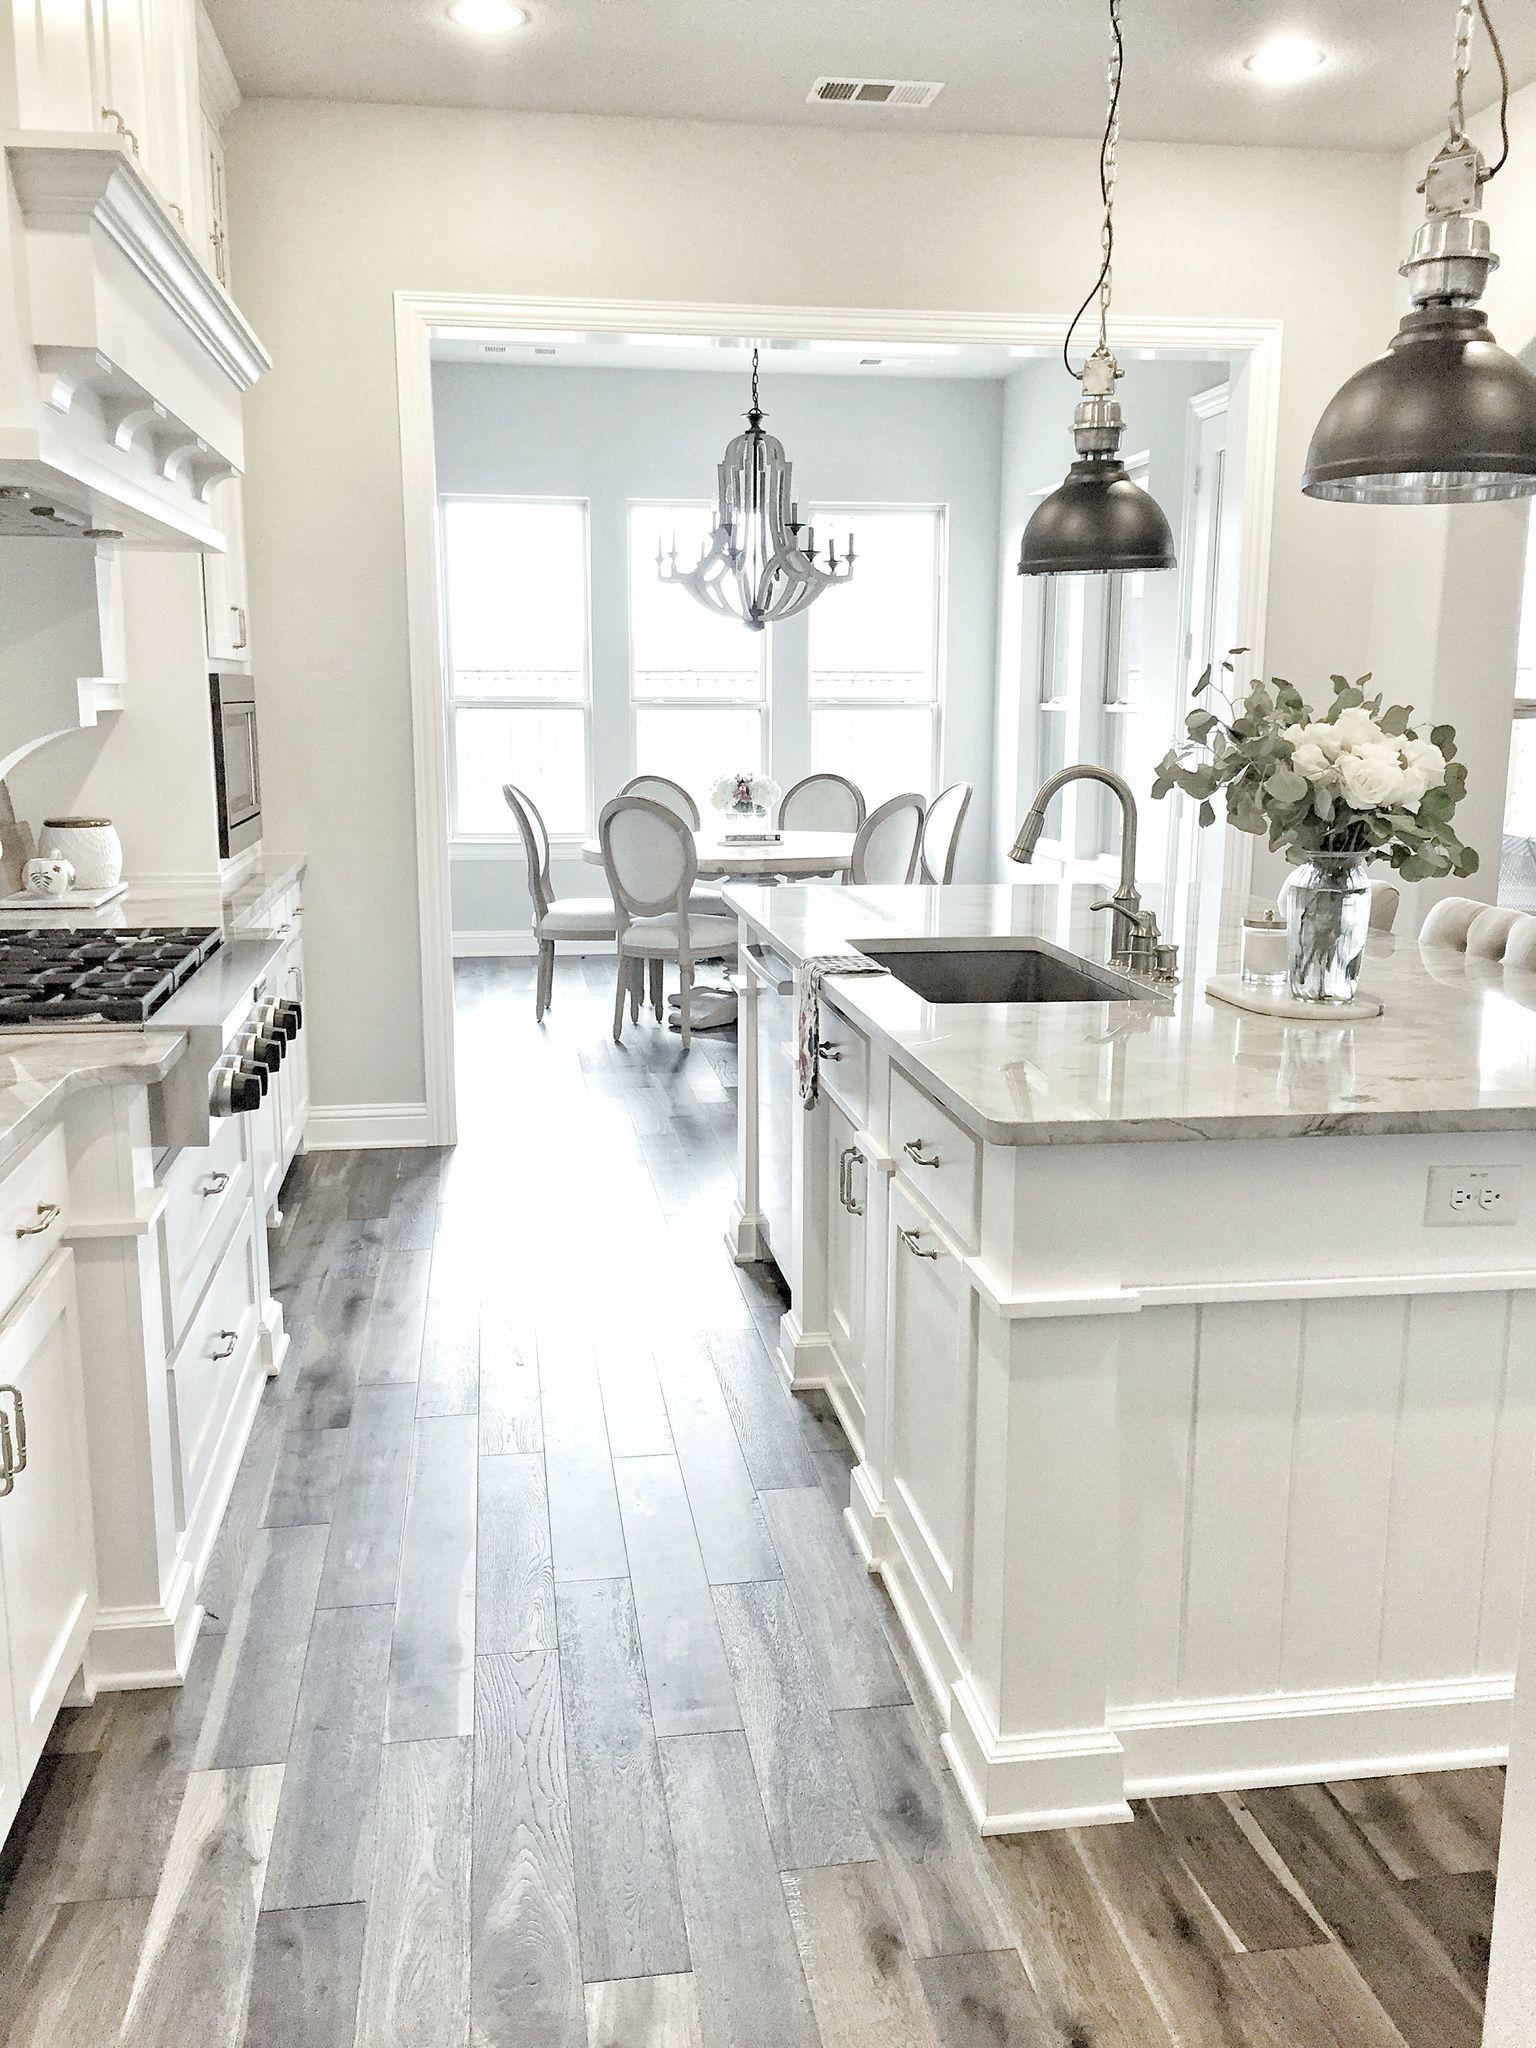 Fresh Farmhouse Kitchen Quartz Gray and white kitchen